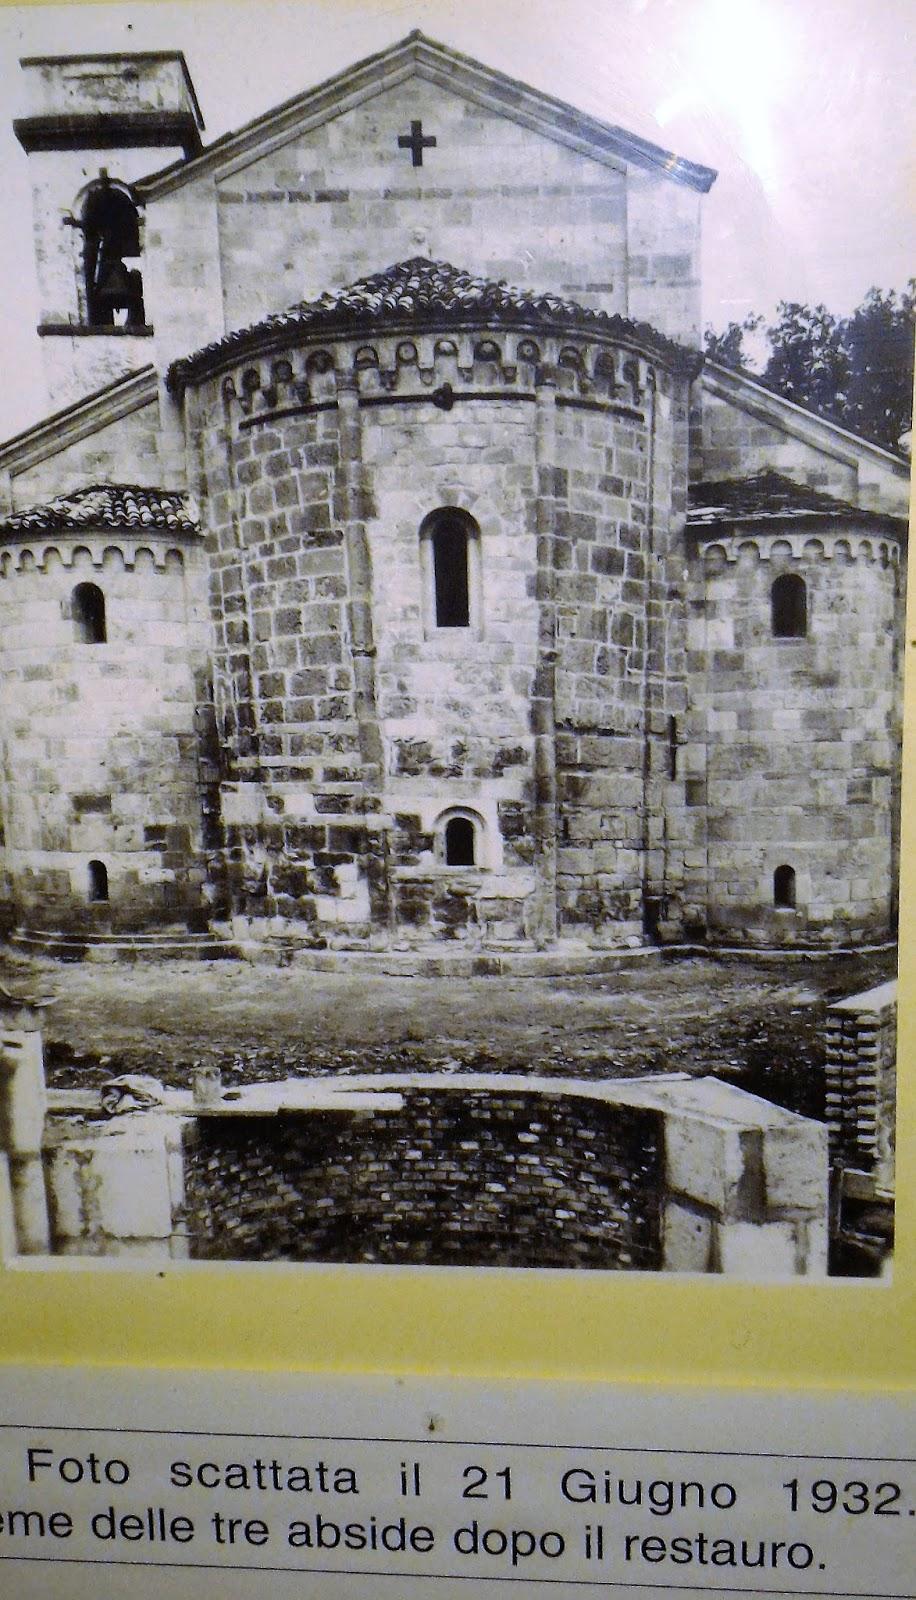 Cimitero Monumentale Predappio Fc visit chiesa di san cassiano in pennino on your trip to